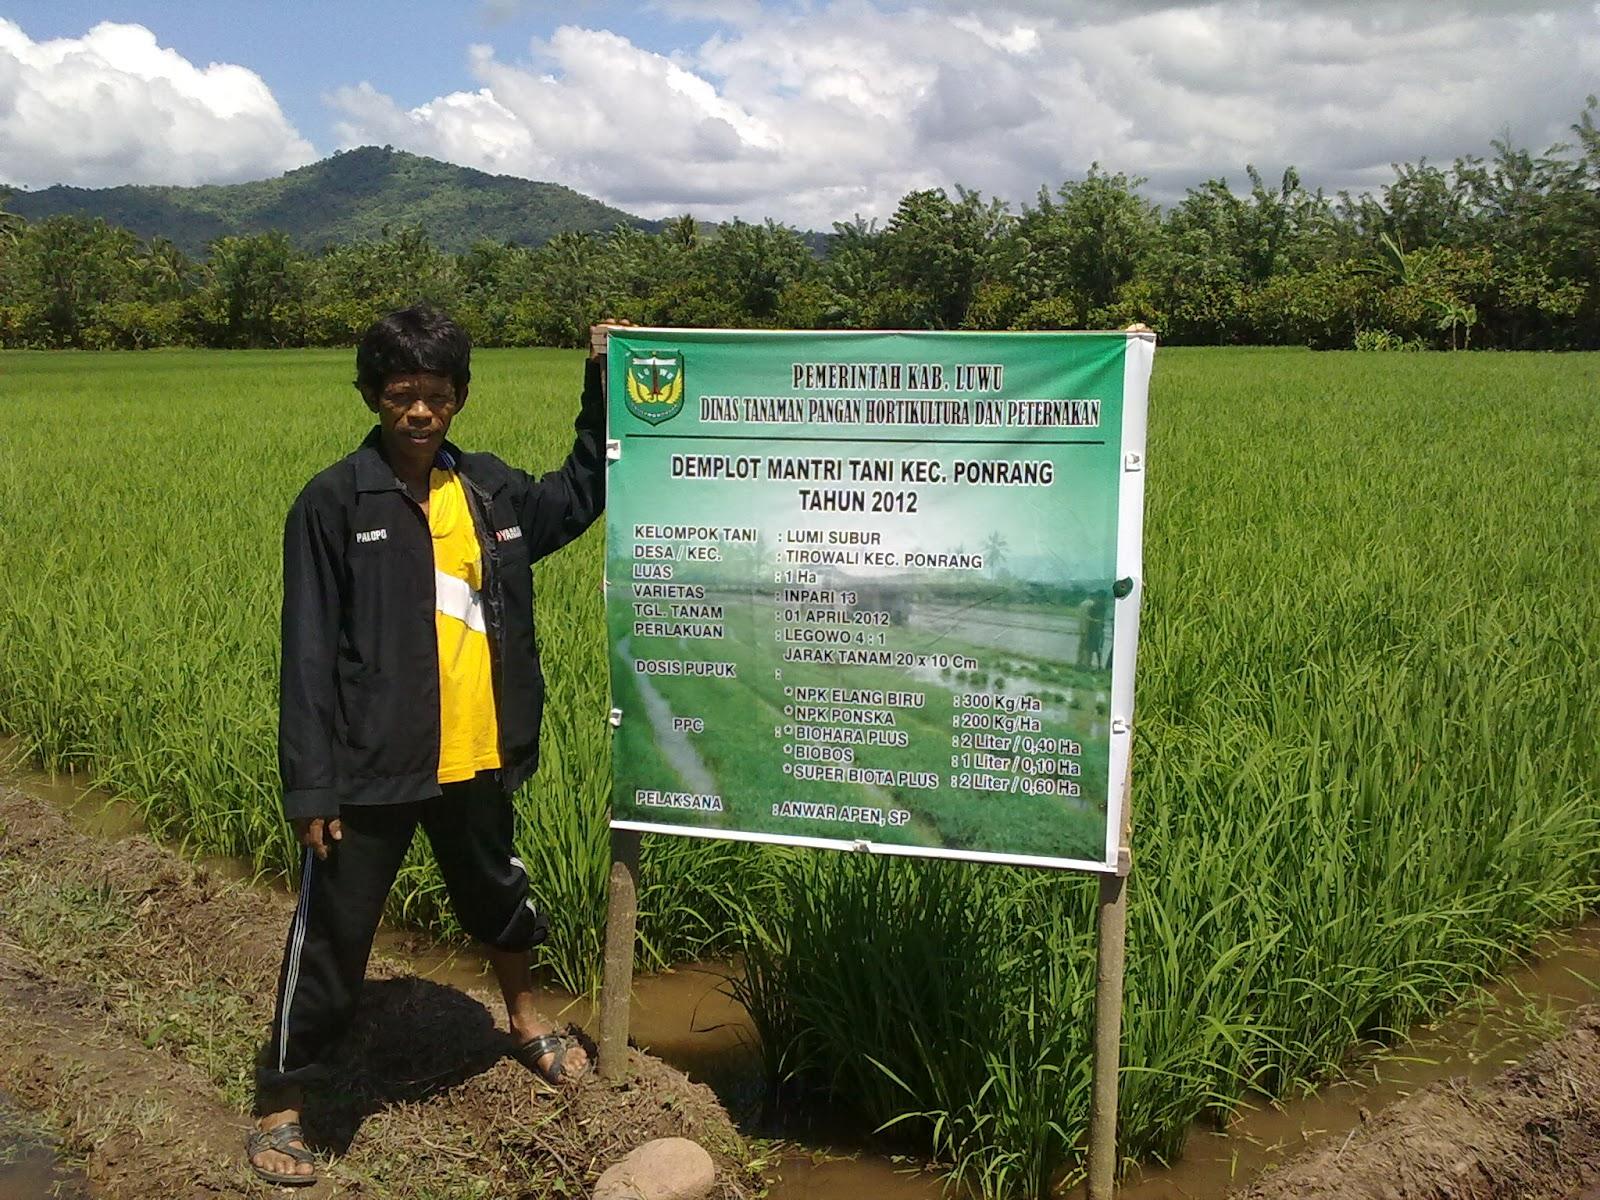 Gerbang Pertanian Luwu Demplot Mantri Tani Kec Ponrang Kab Luwu